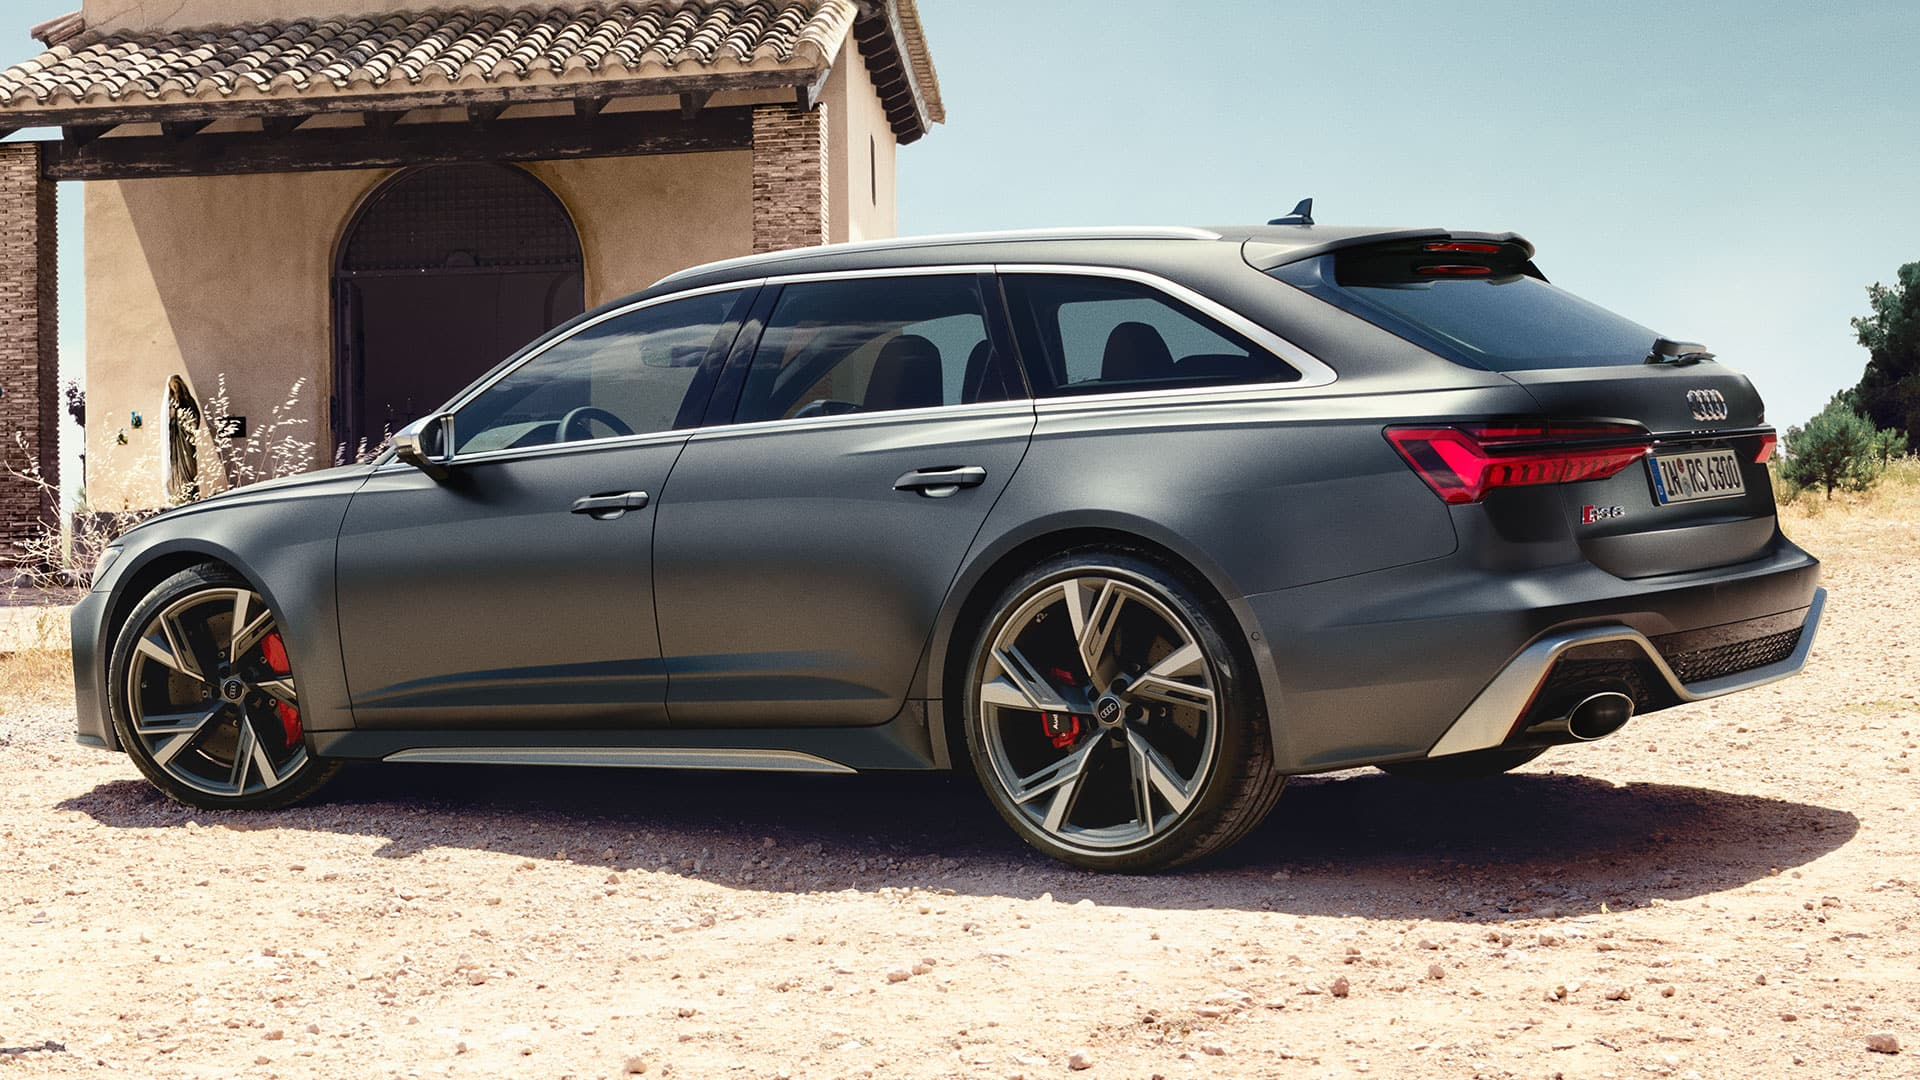 Kekurangan Audi Rs6 Sportback Tangguh